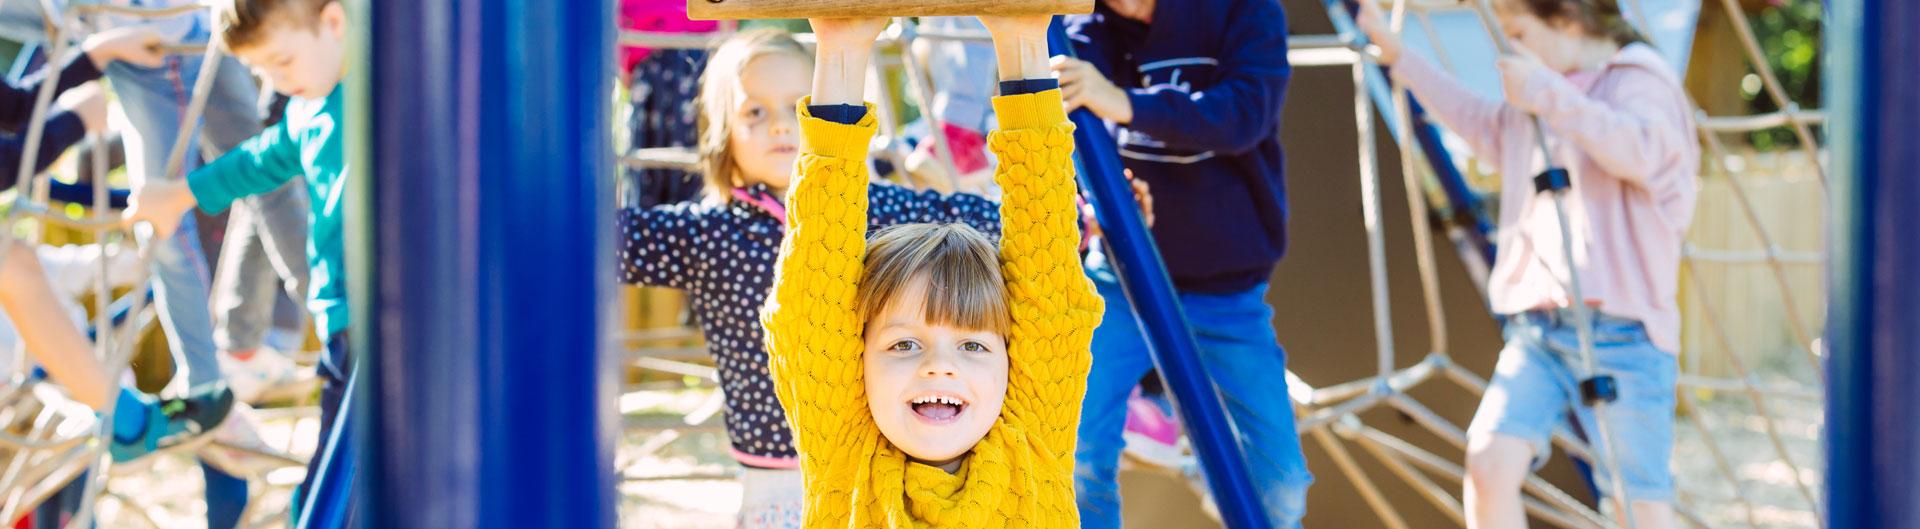 Eine Schülerin spielt in der Kletterspinne auf dem Schulhof